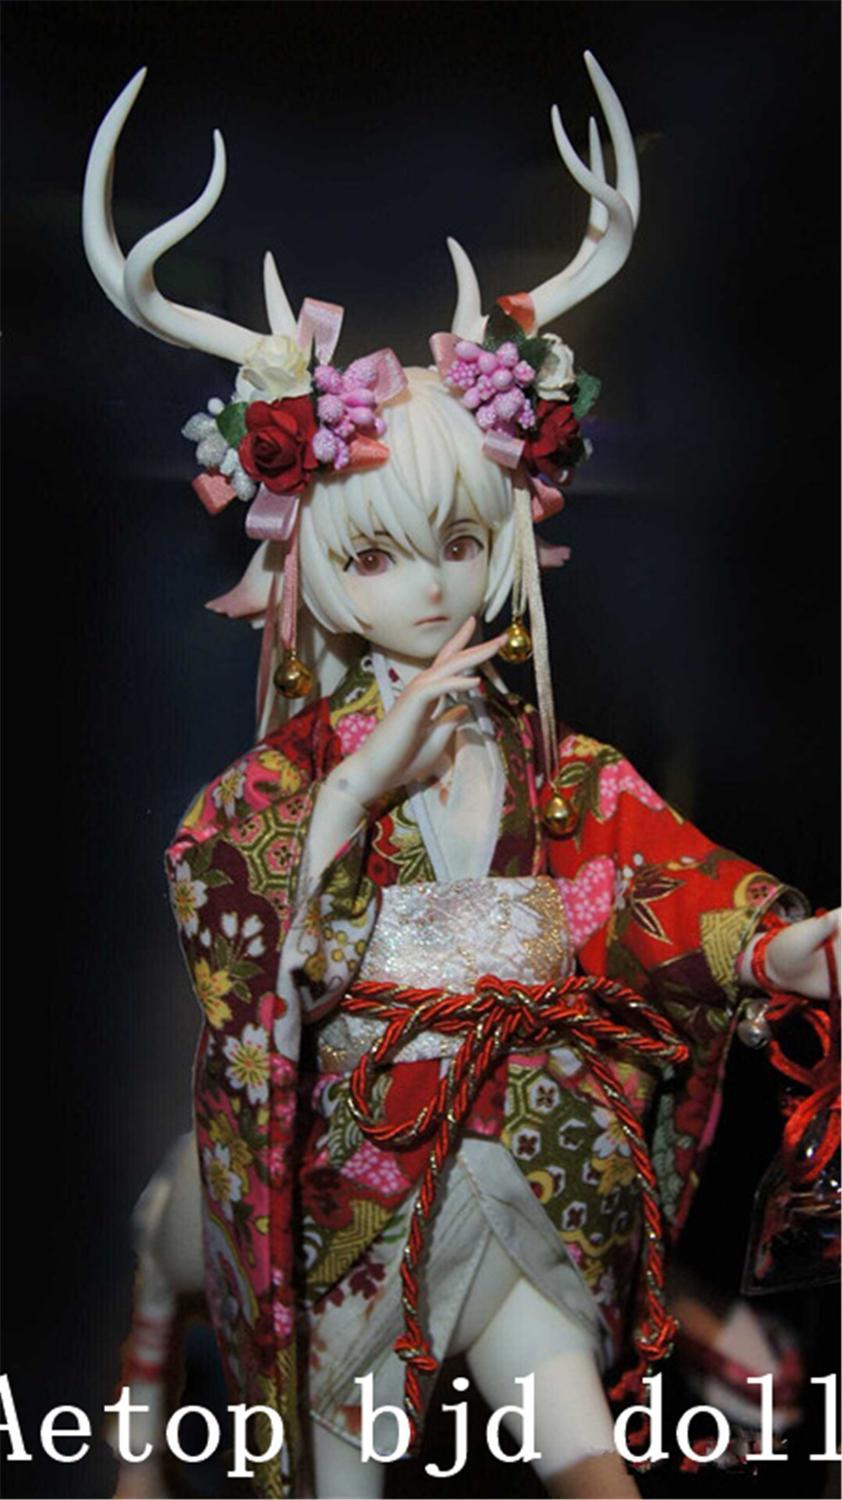 Шарнирная кукла AETOP 1/4, кукла Funan, мужской олень, версия животного, игрушка, модная полимерная кукла «let alone»